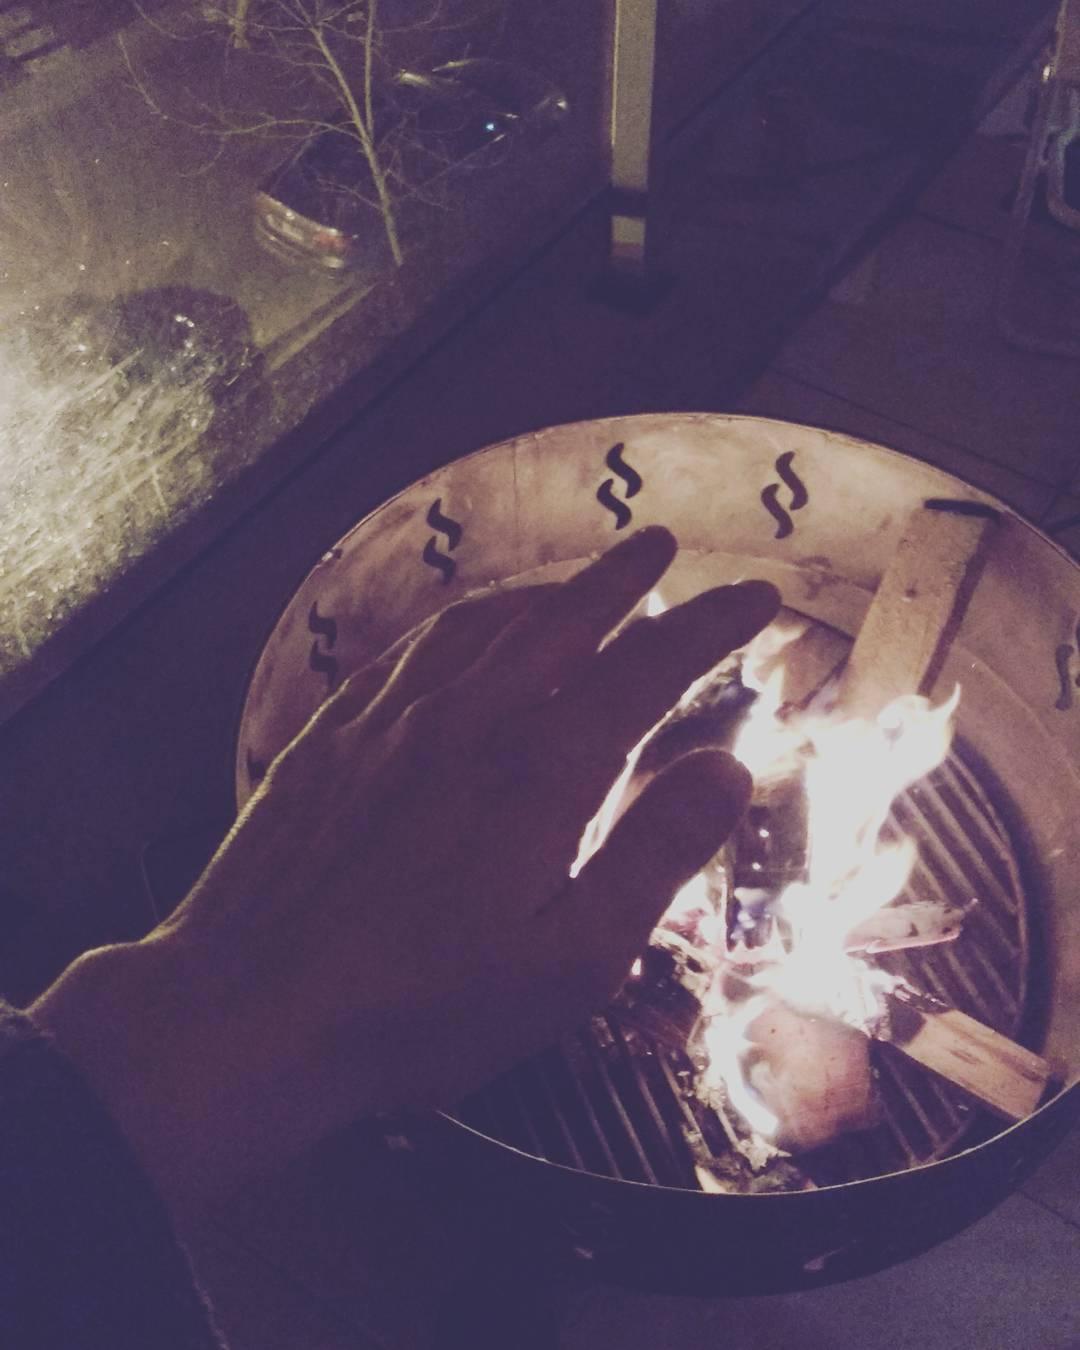 Take fire